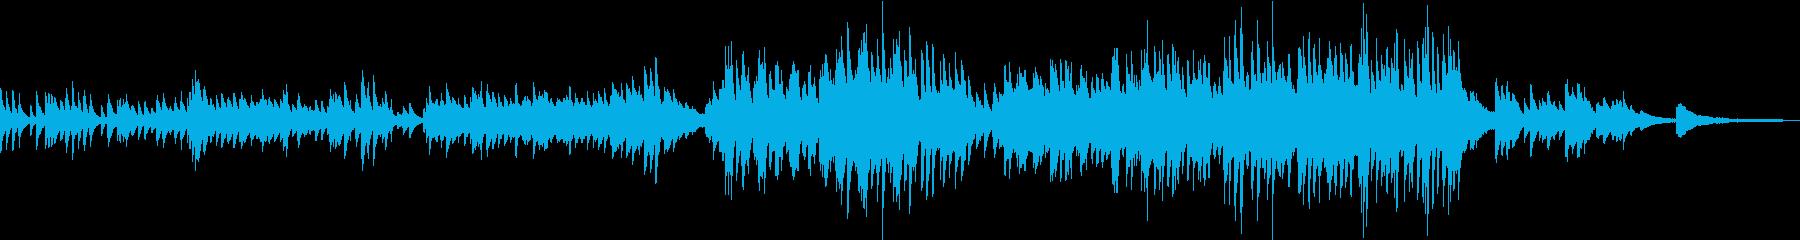 「古城のワルツ」ピアノソロの再生済みの波形